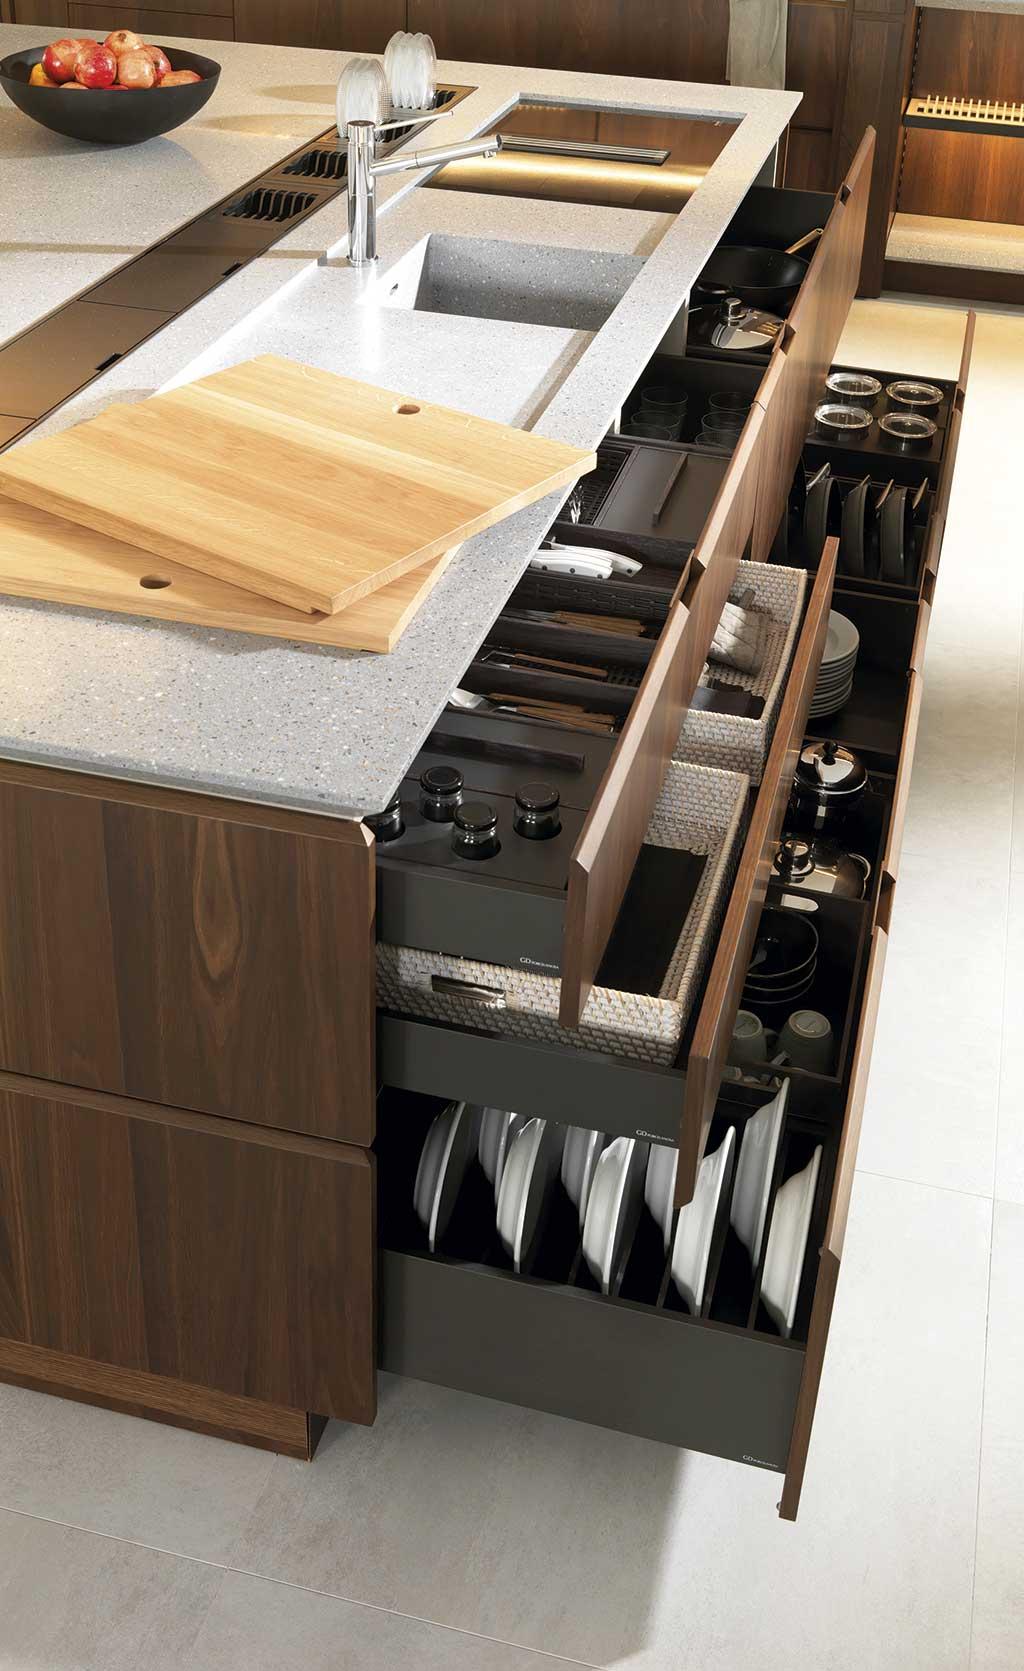 Soluciones almacenaje cocina platos